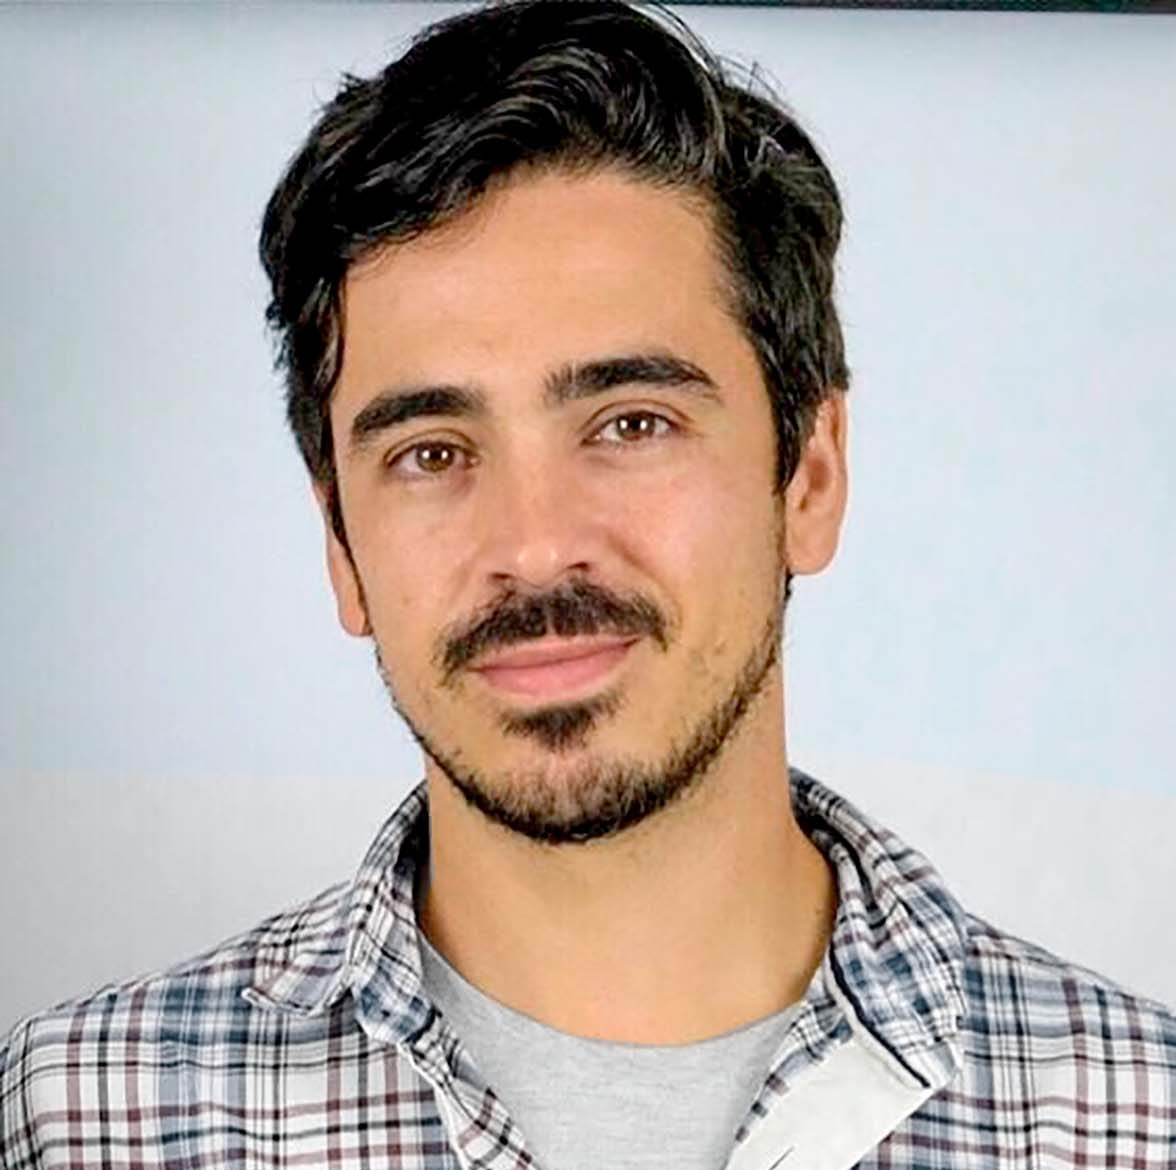 Mario Fuentes